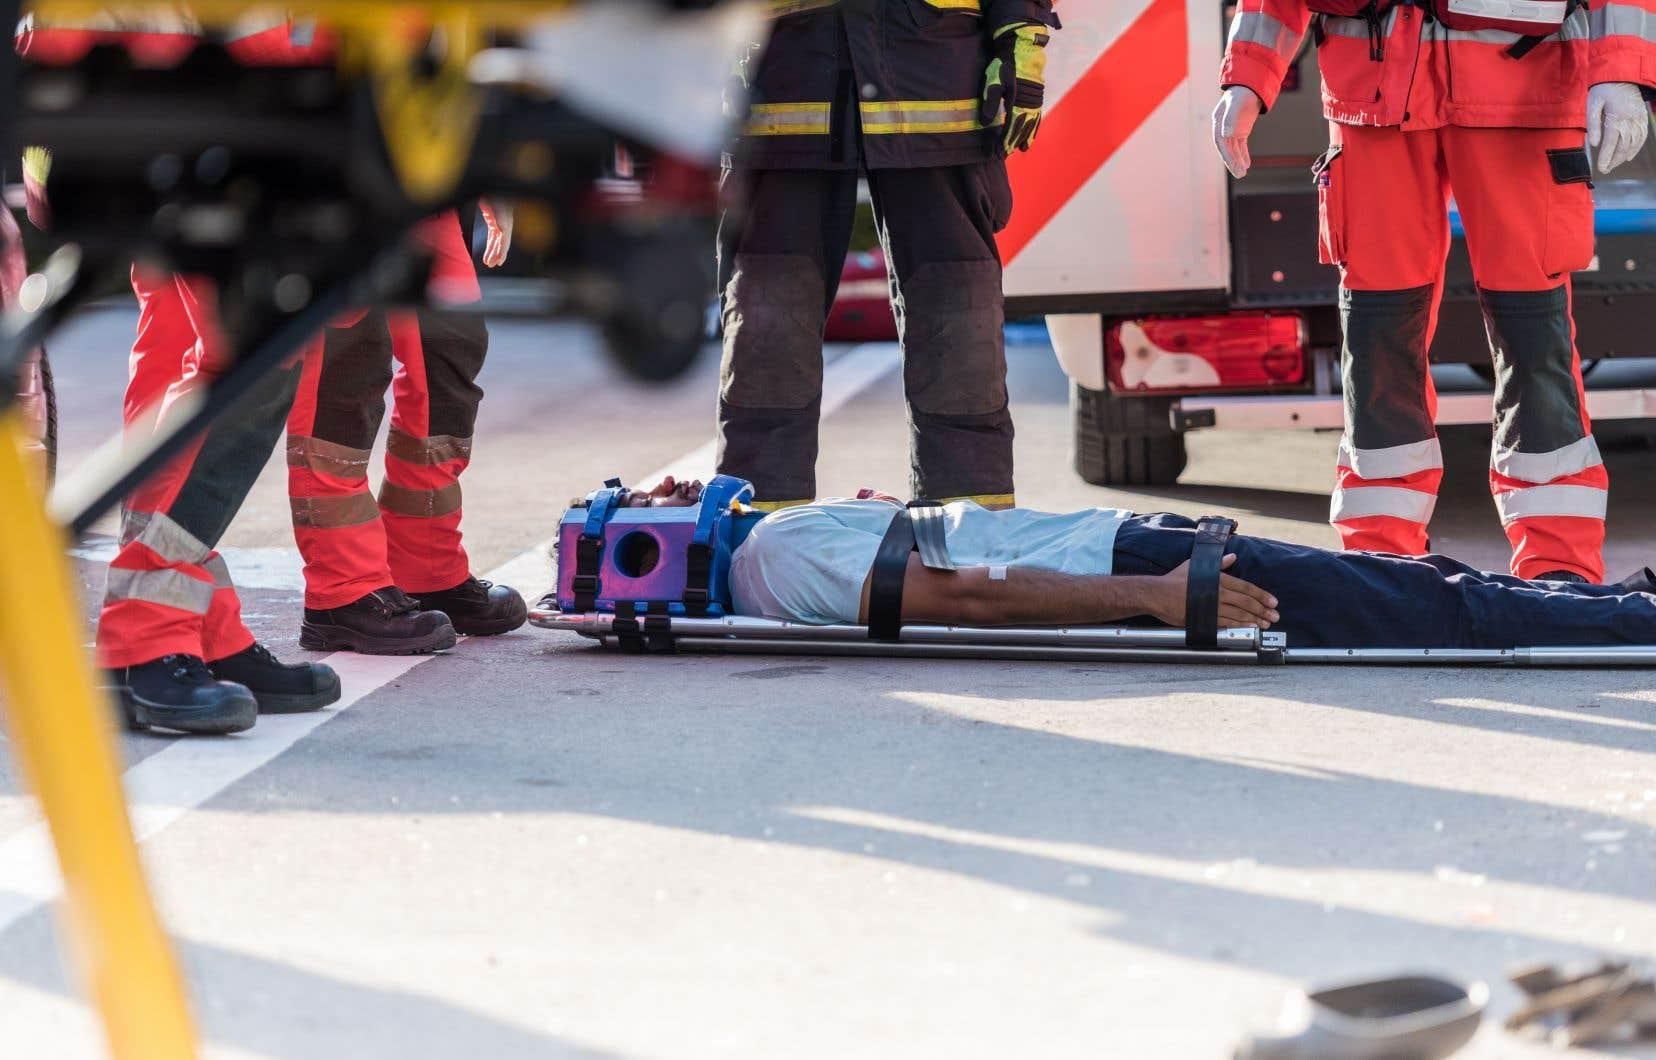 Personne n'est à l'abri d'un traumatisme craniocérébral qui peut survenir lors d'une chute, au travail  ou encore lors d'un accident de la route.